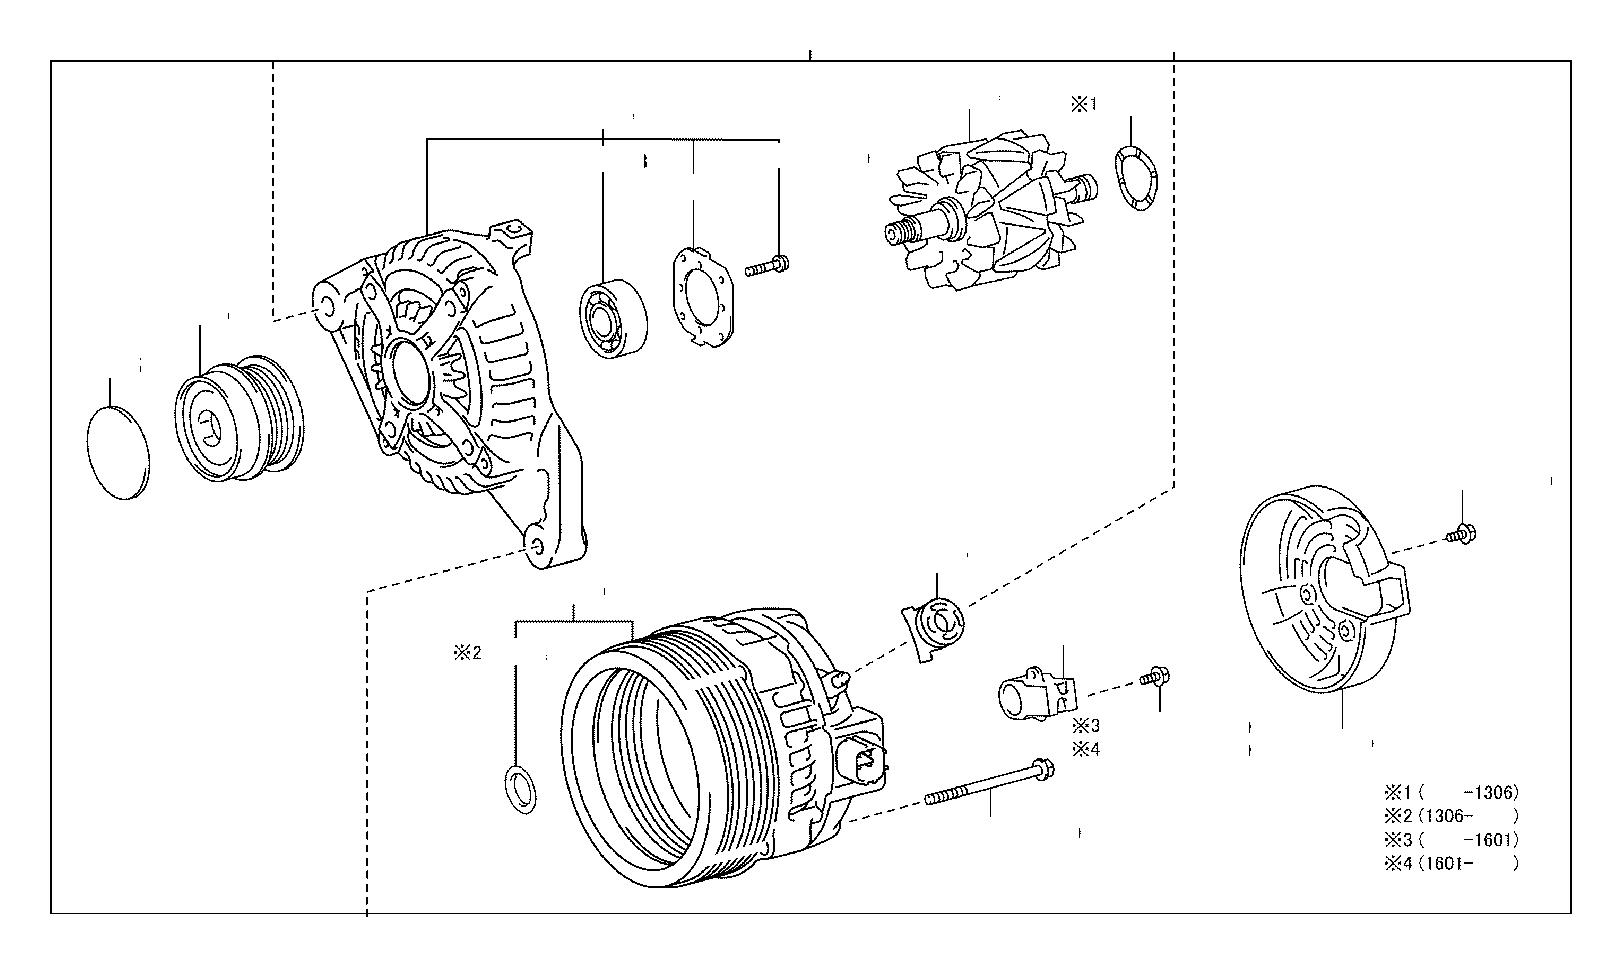 Lexus RX 330 Holder assembly, alternator brush. Frp